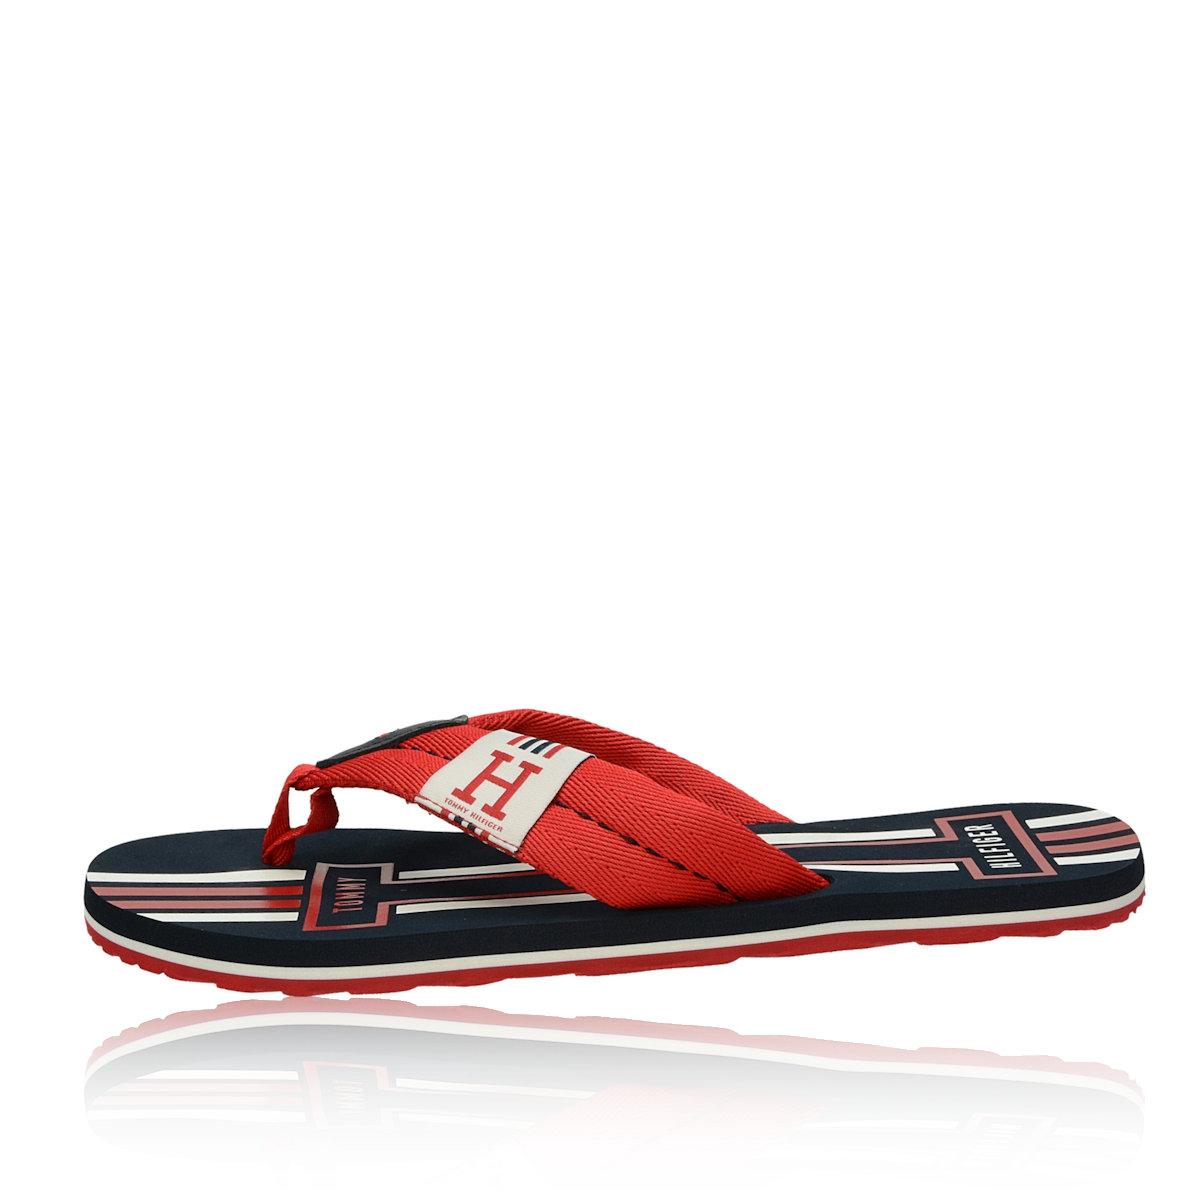 Tommy Hilfiger pánské stylové plážovky - červené